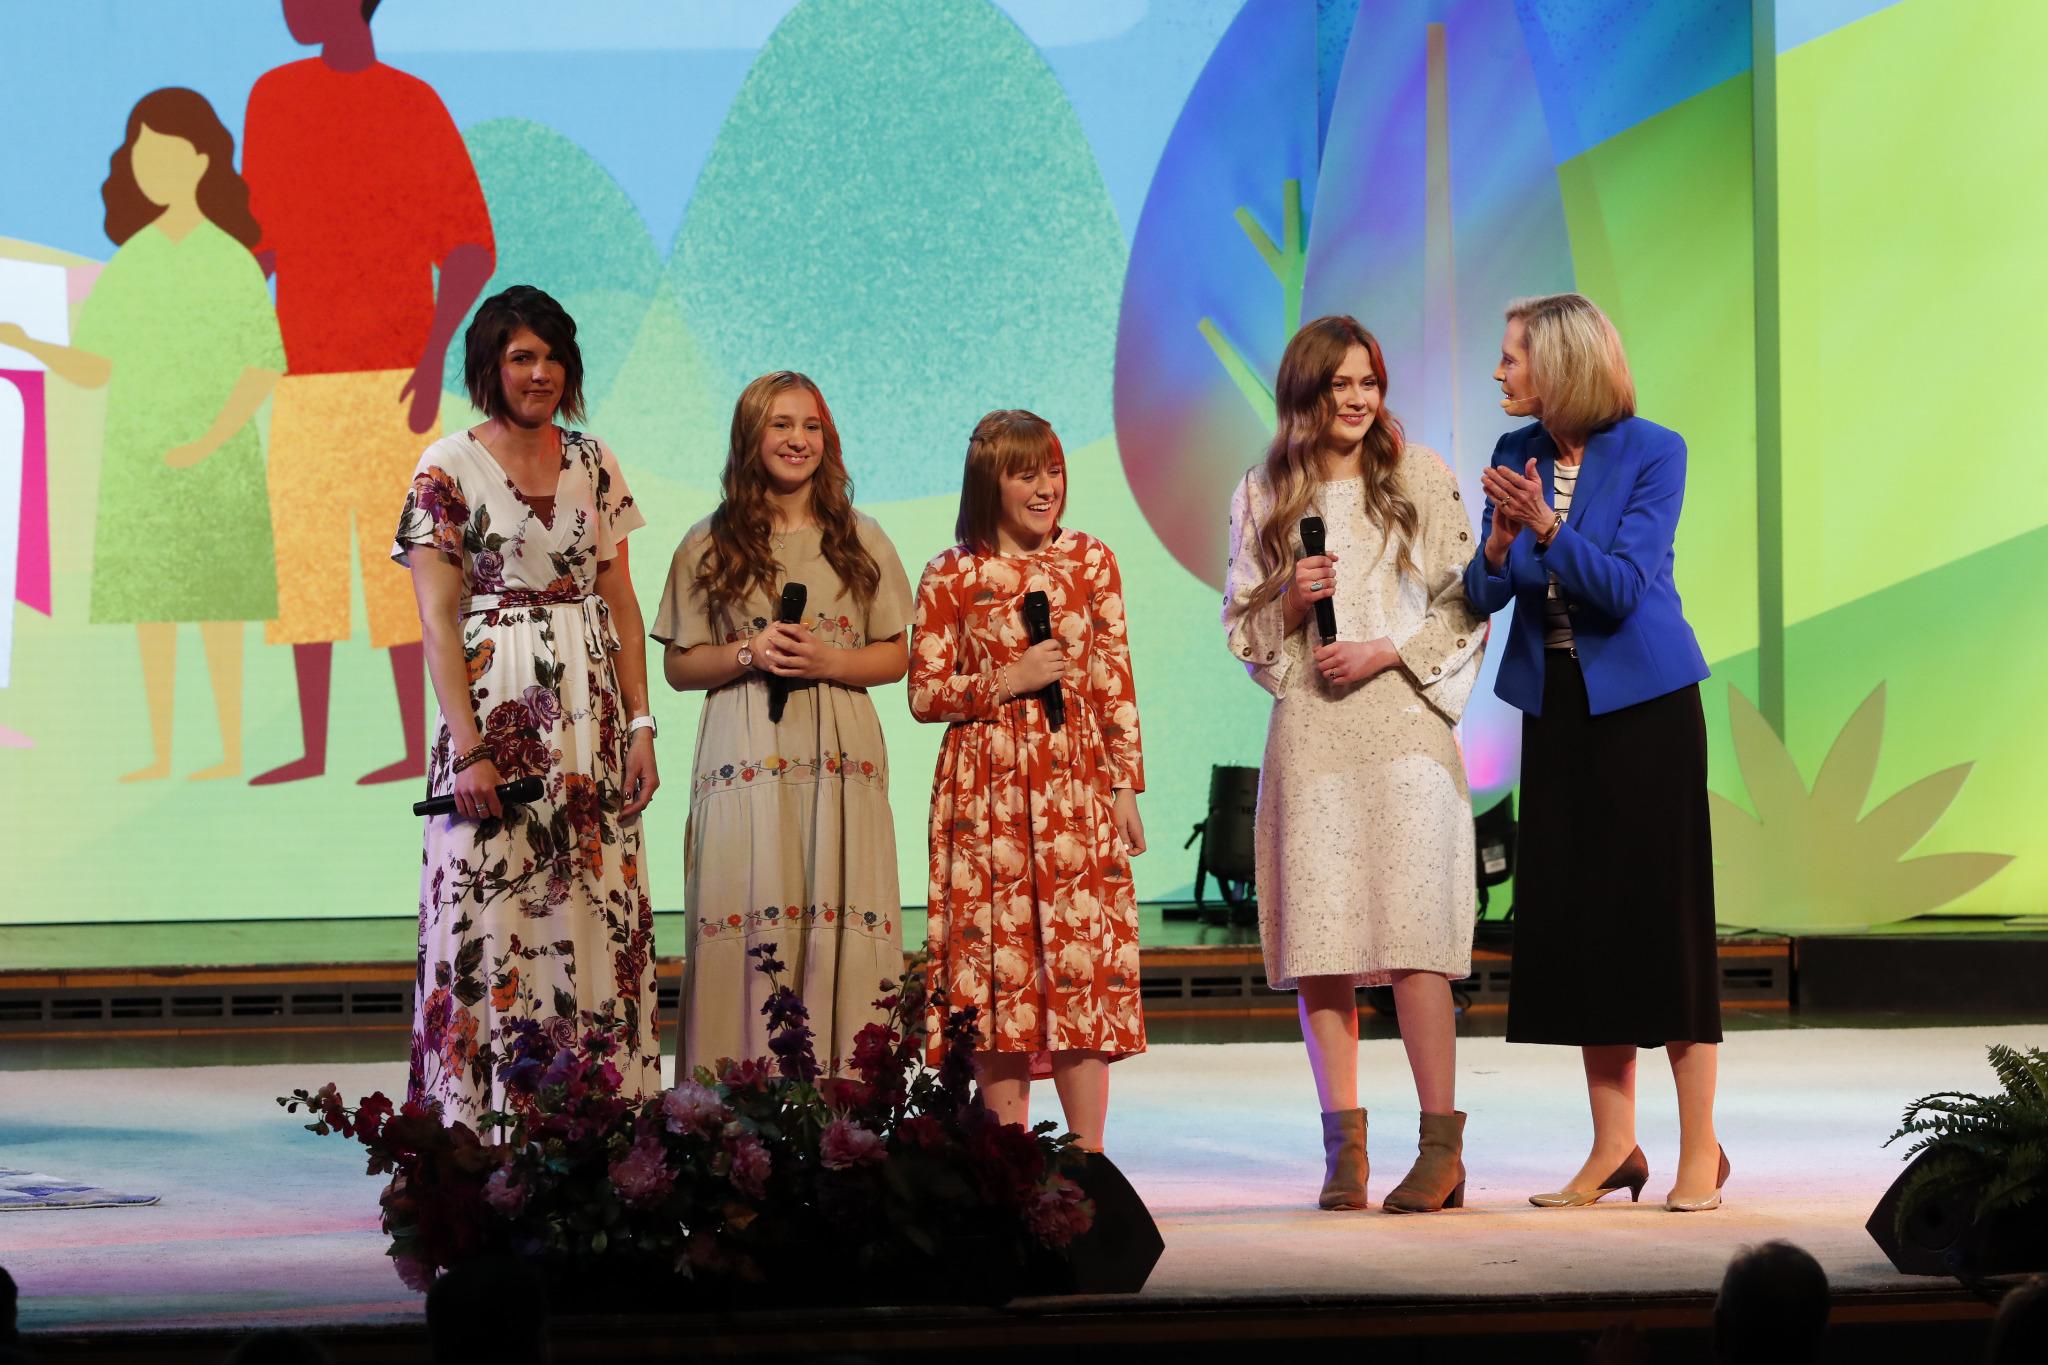 Moças acompanham irmã Bonnie H. Cordon, presidente geral das Moças, no palco durante um evento Cara a Cara sobre o programa para Crianças e Jovens no Tabernáculo em Salt Lake City, no dia 17 de novembro.